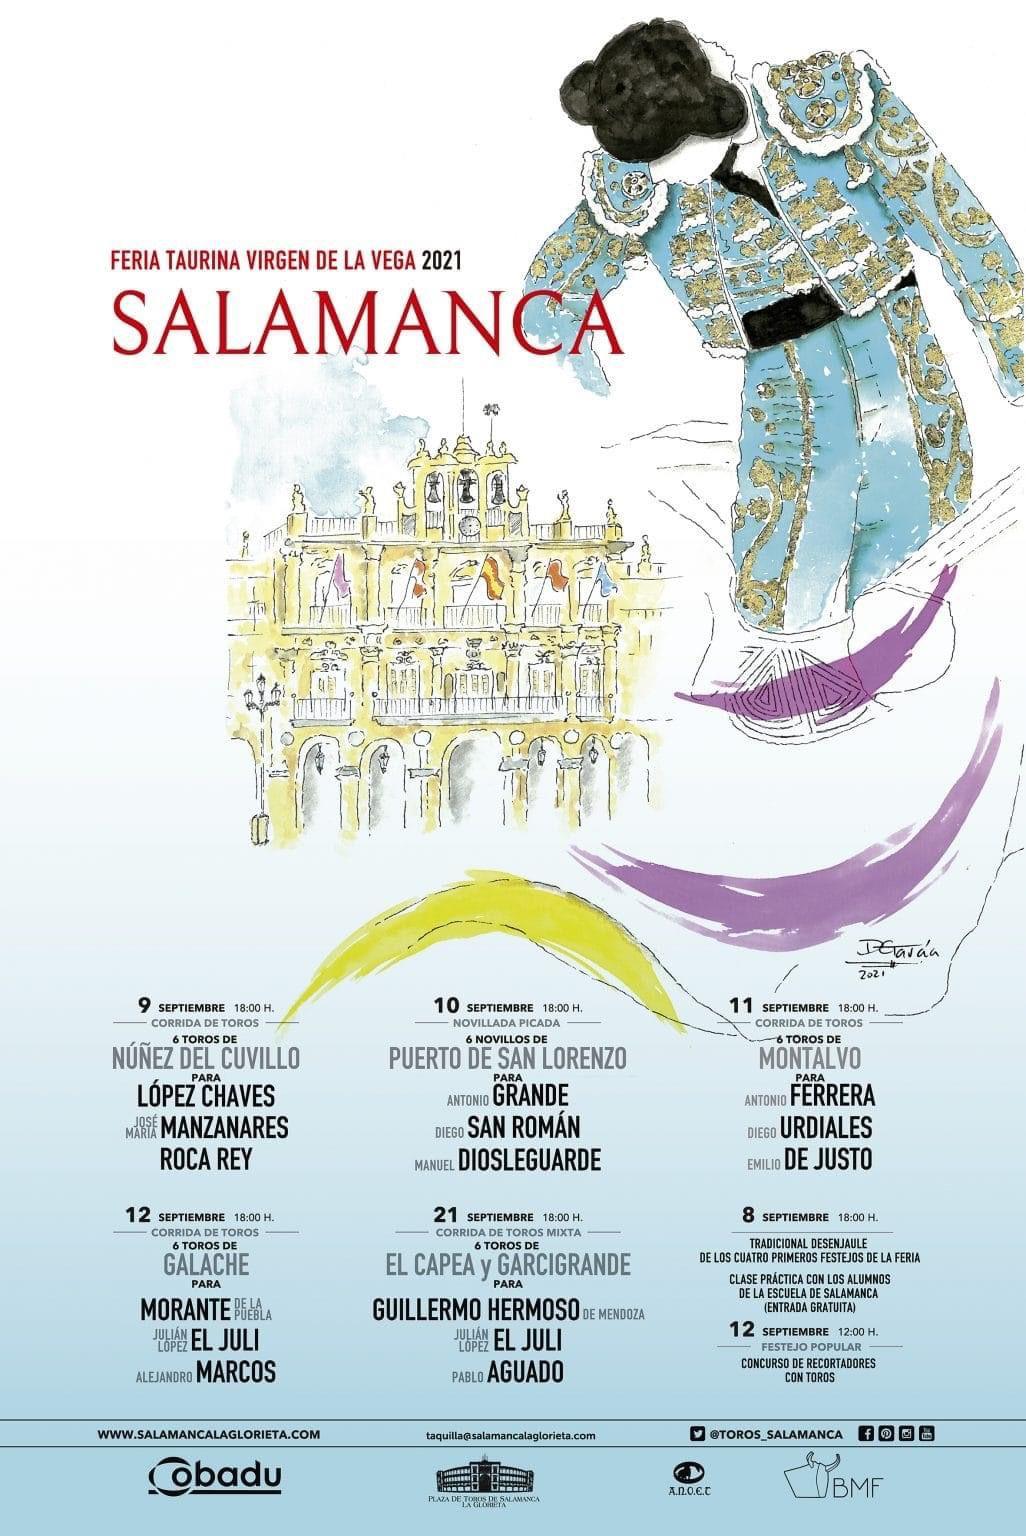 SALAMANCA 21